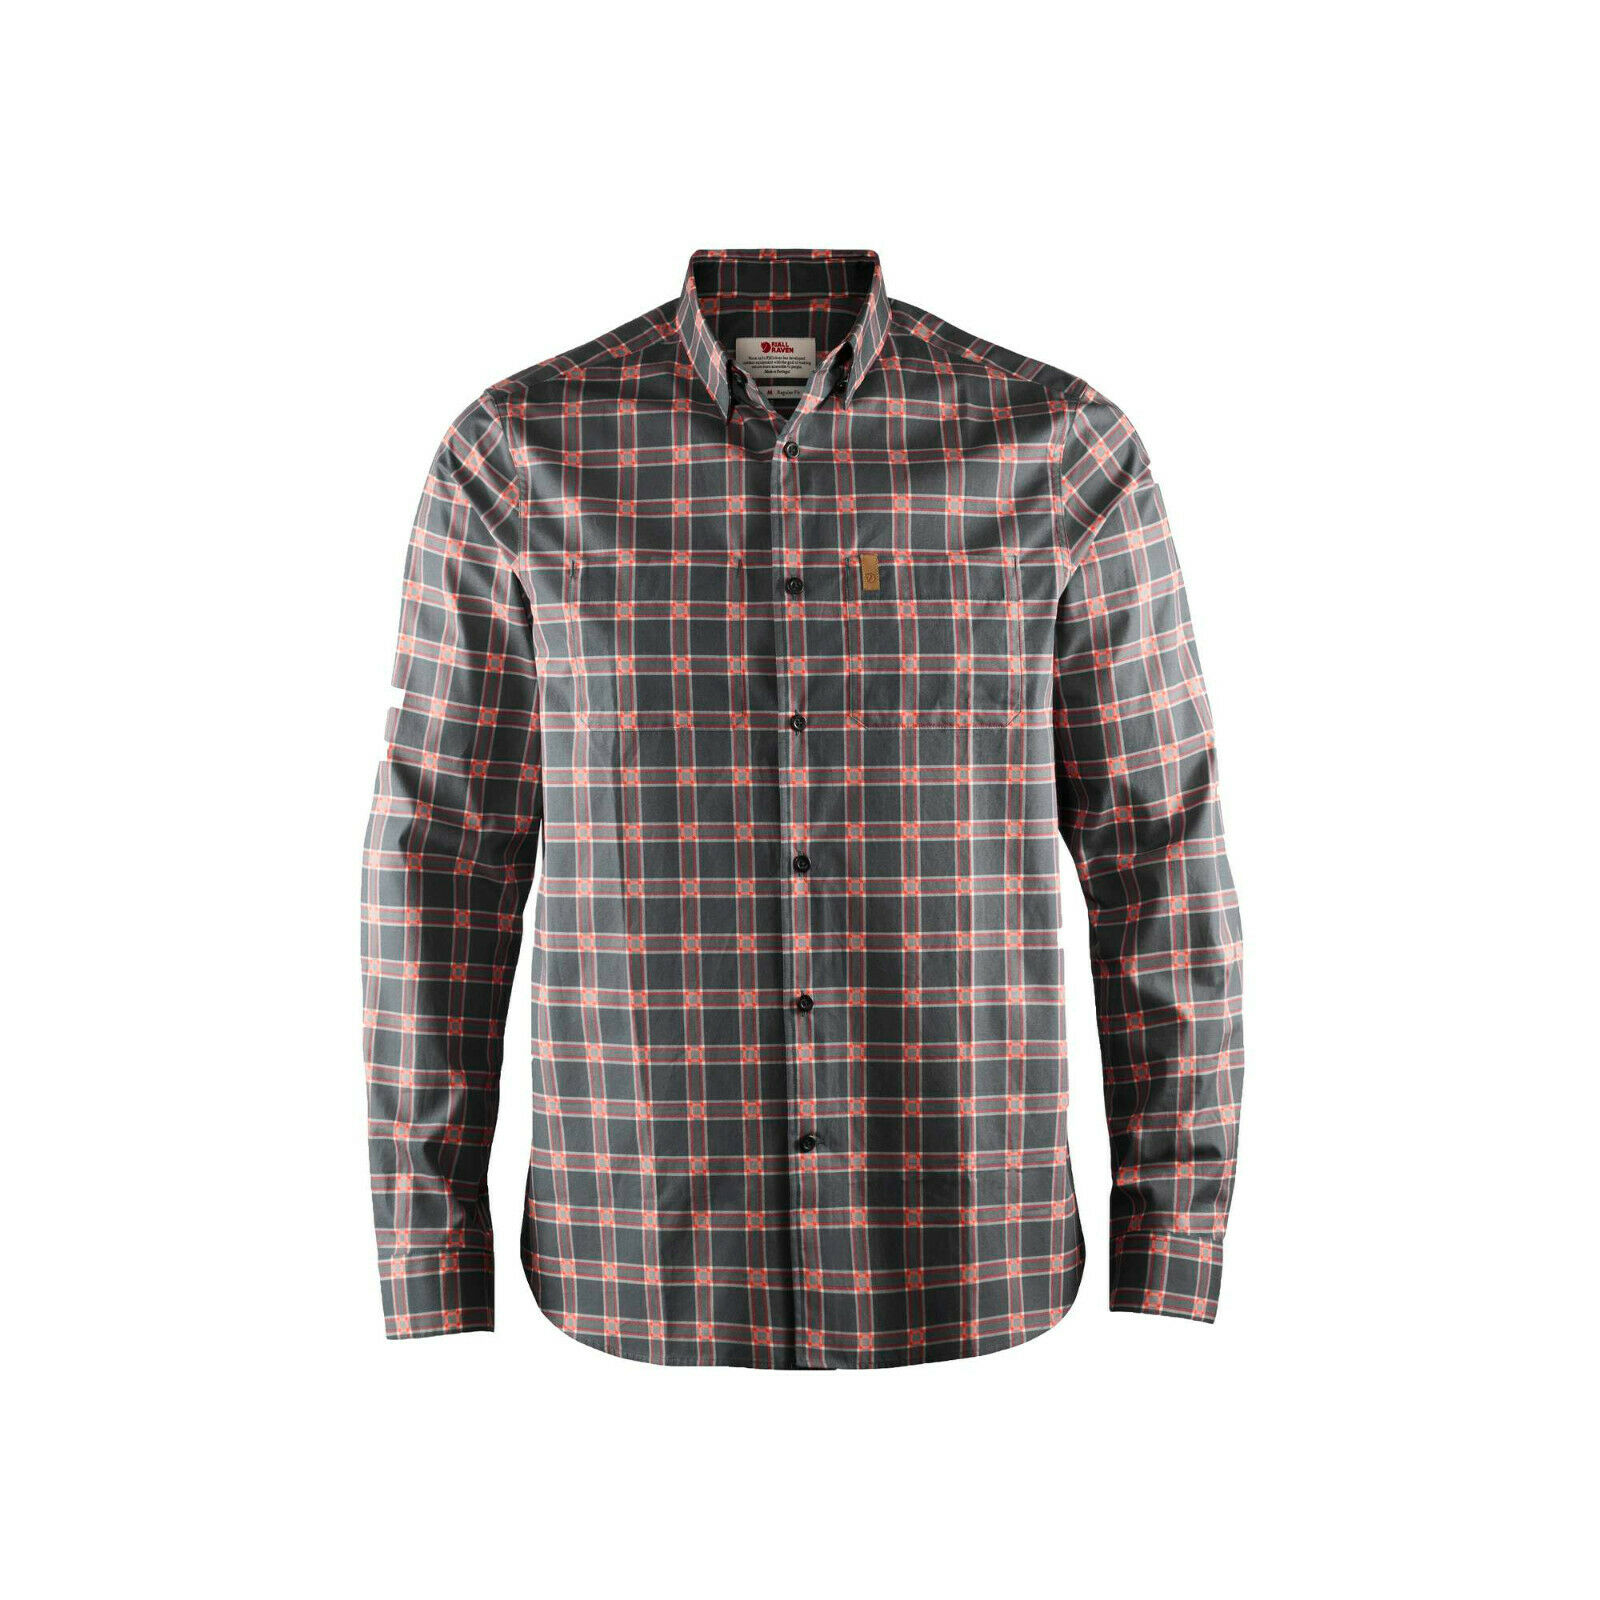 Camisa costera alta de fjallrraven número L  mediana - muestra no decorada de saleman